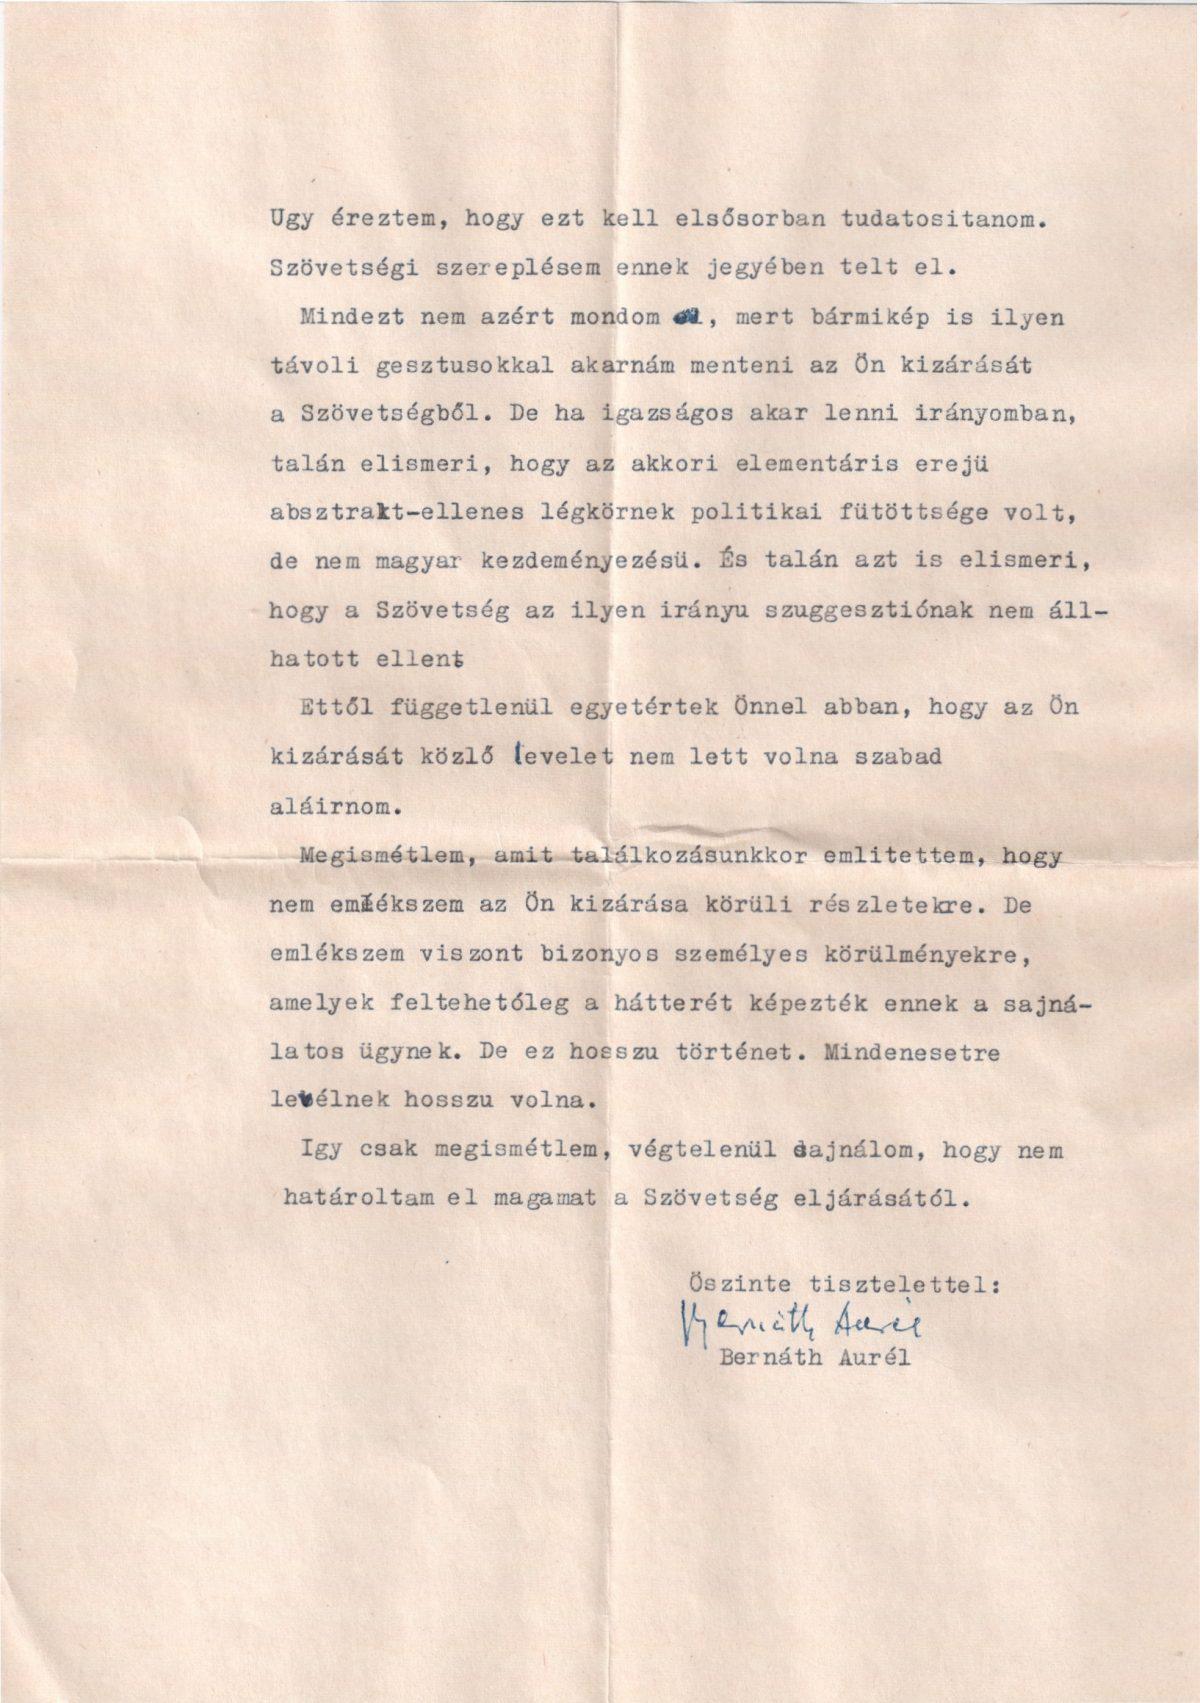 1971-01-17 Bernáth Auréltól